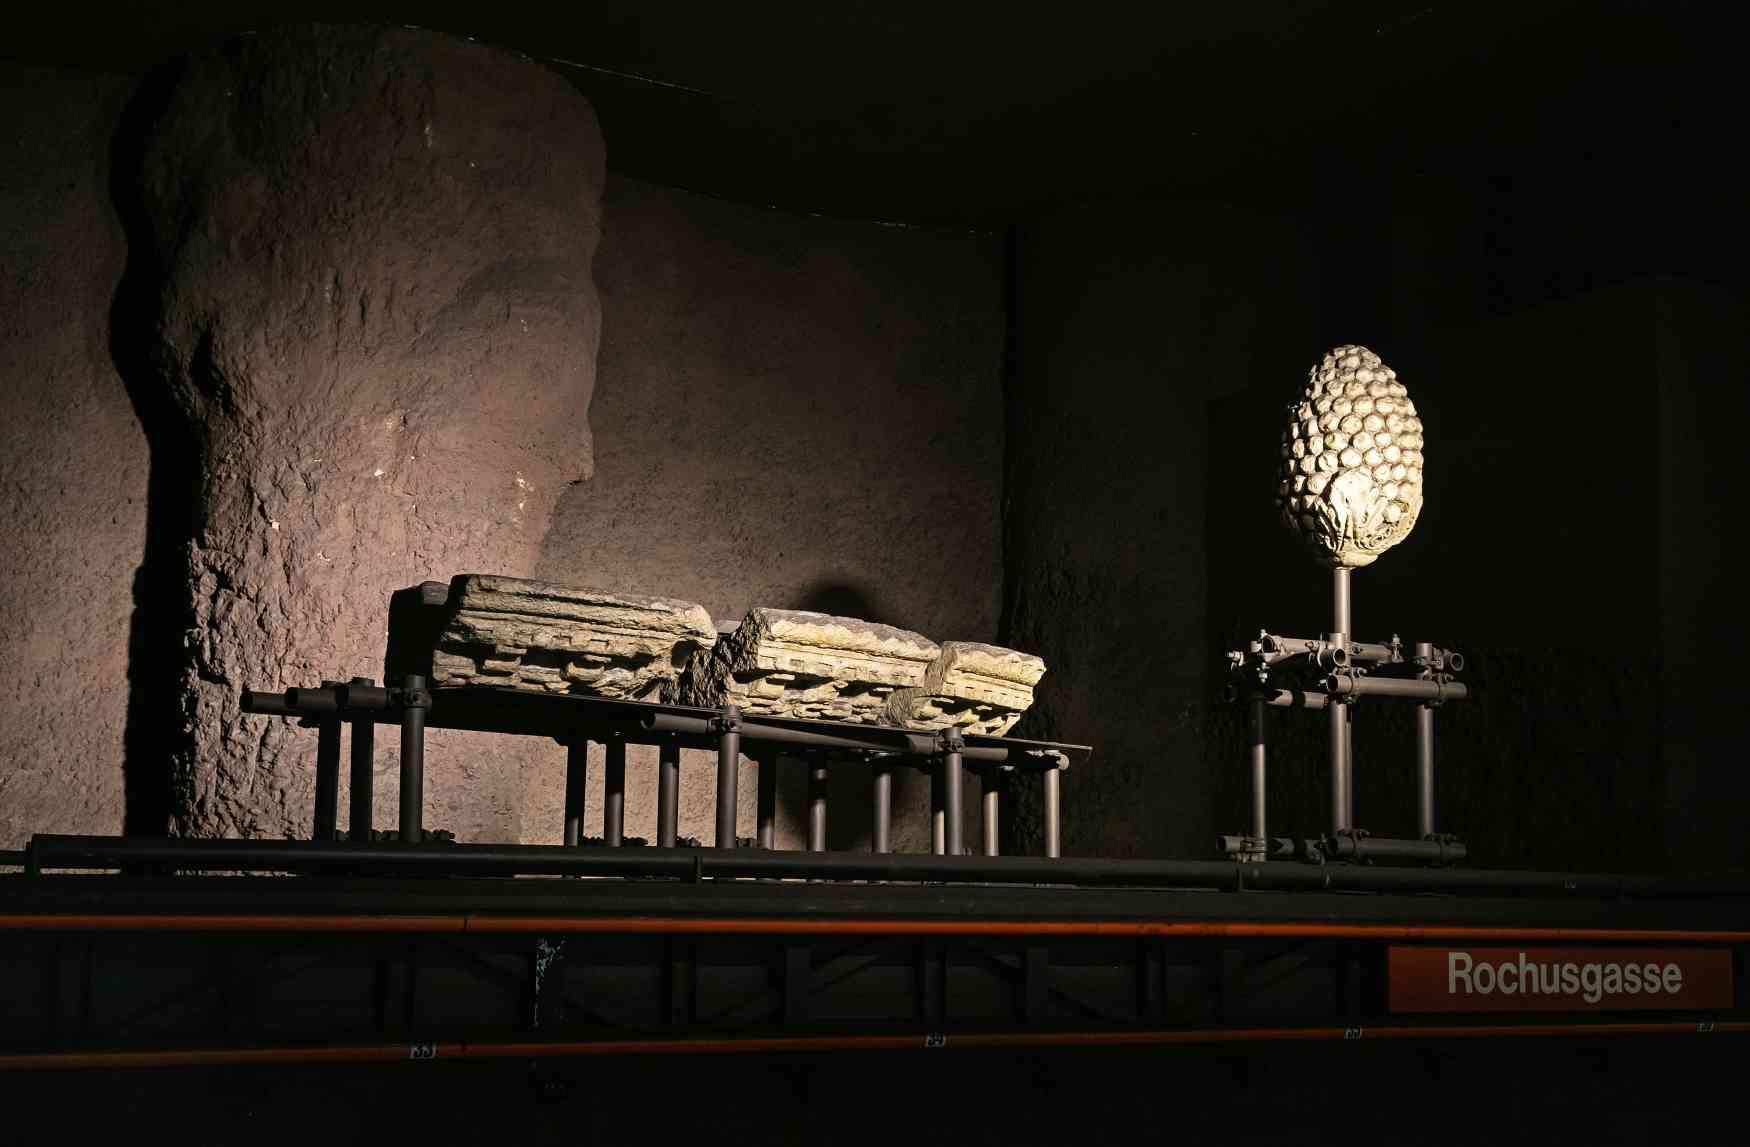 In der U3-Station Rochusgasse entdecken die Fahrgäste römische Exponate.